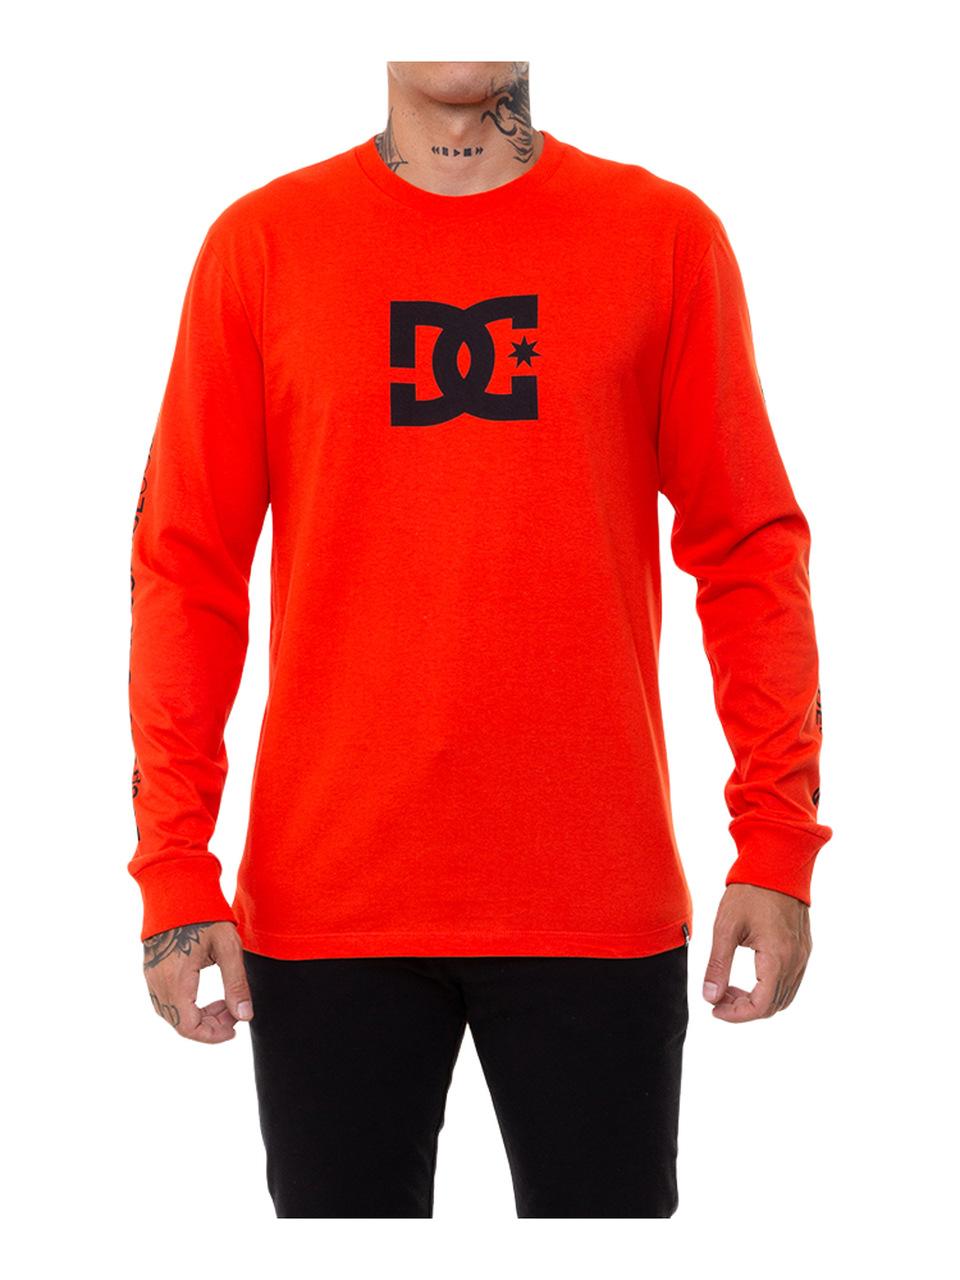 Camiseta Manga Longa DC Shoes Star Sleeve Vermelha